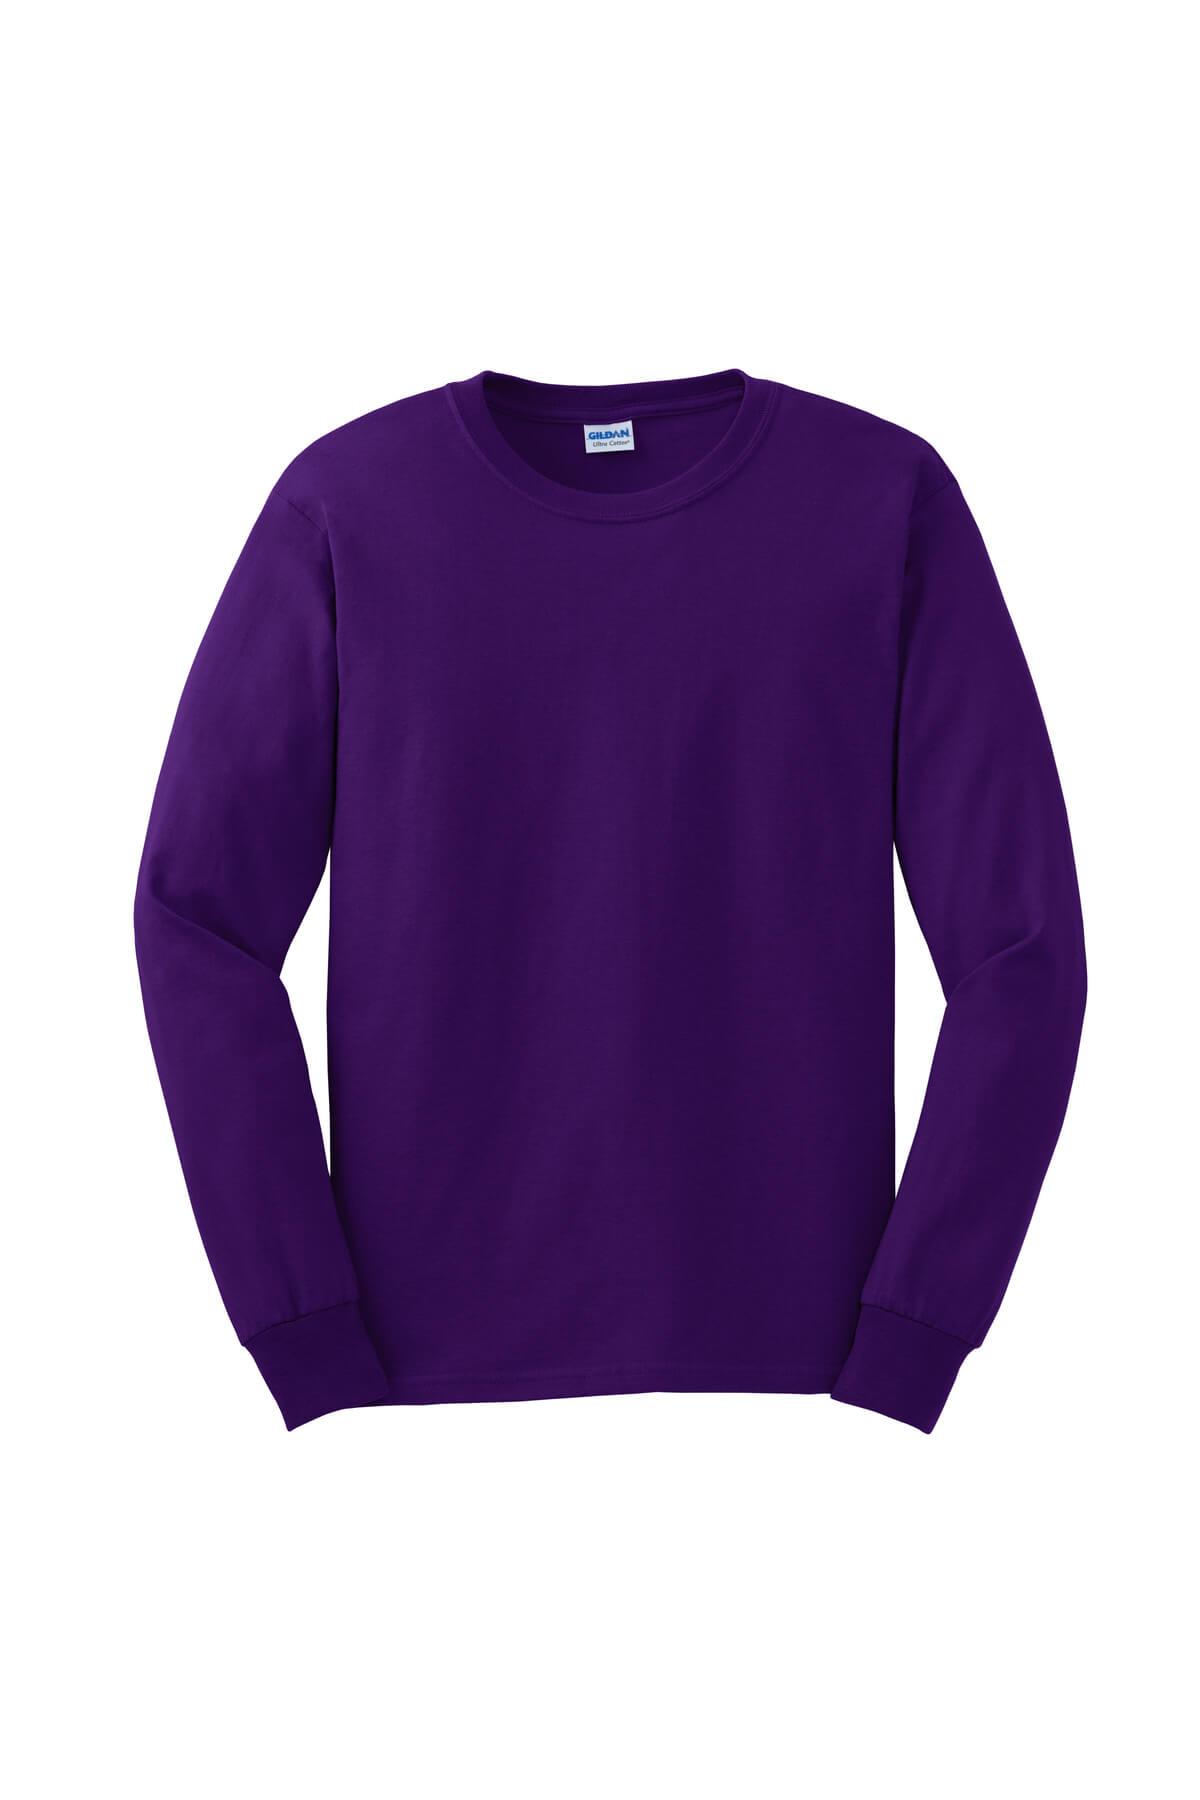 g2400-purple-5